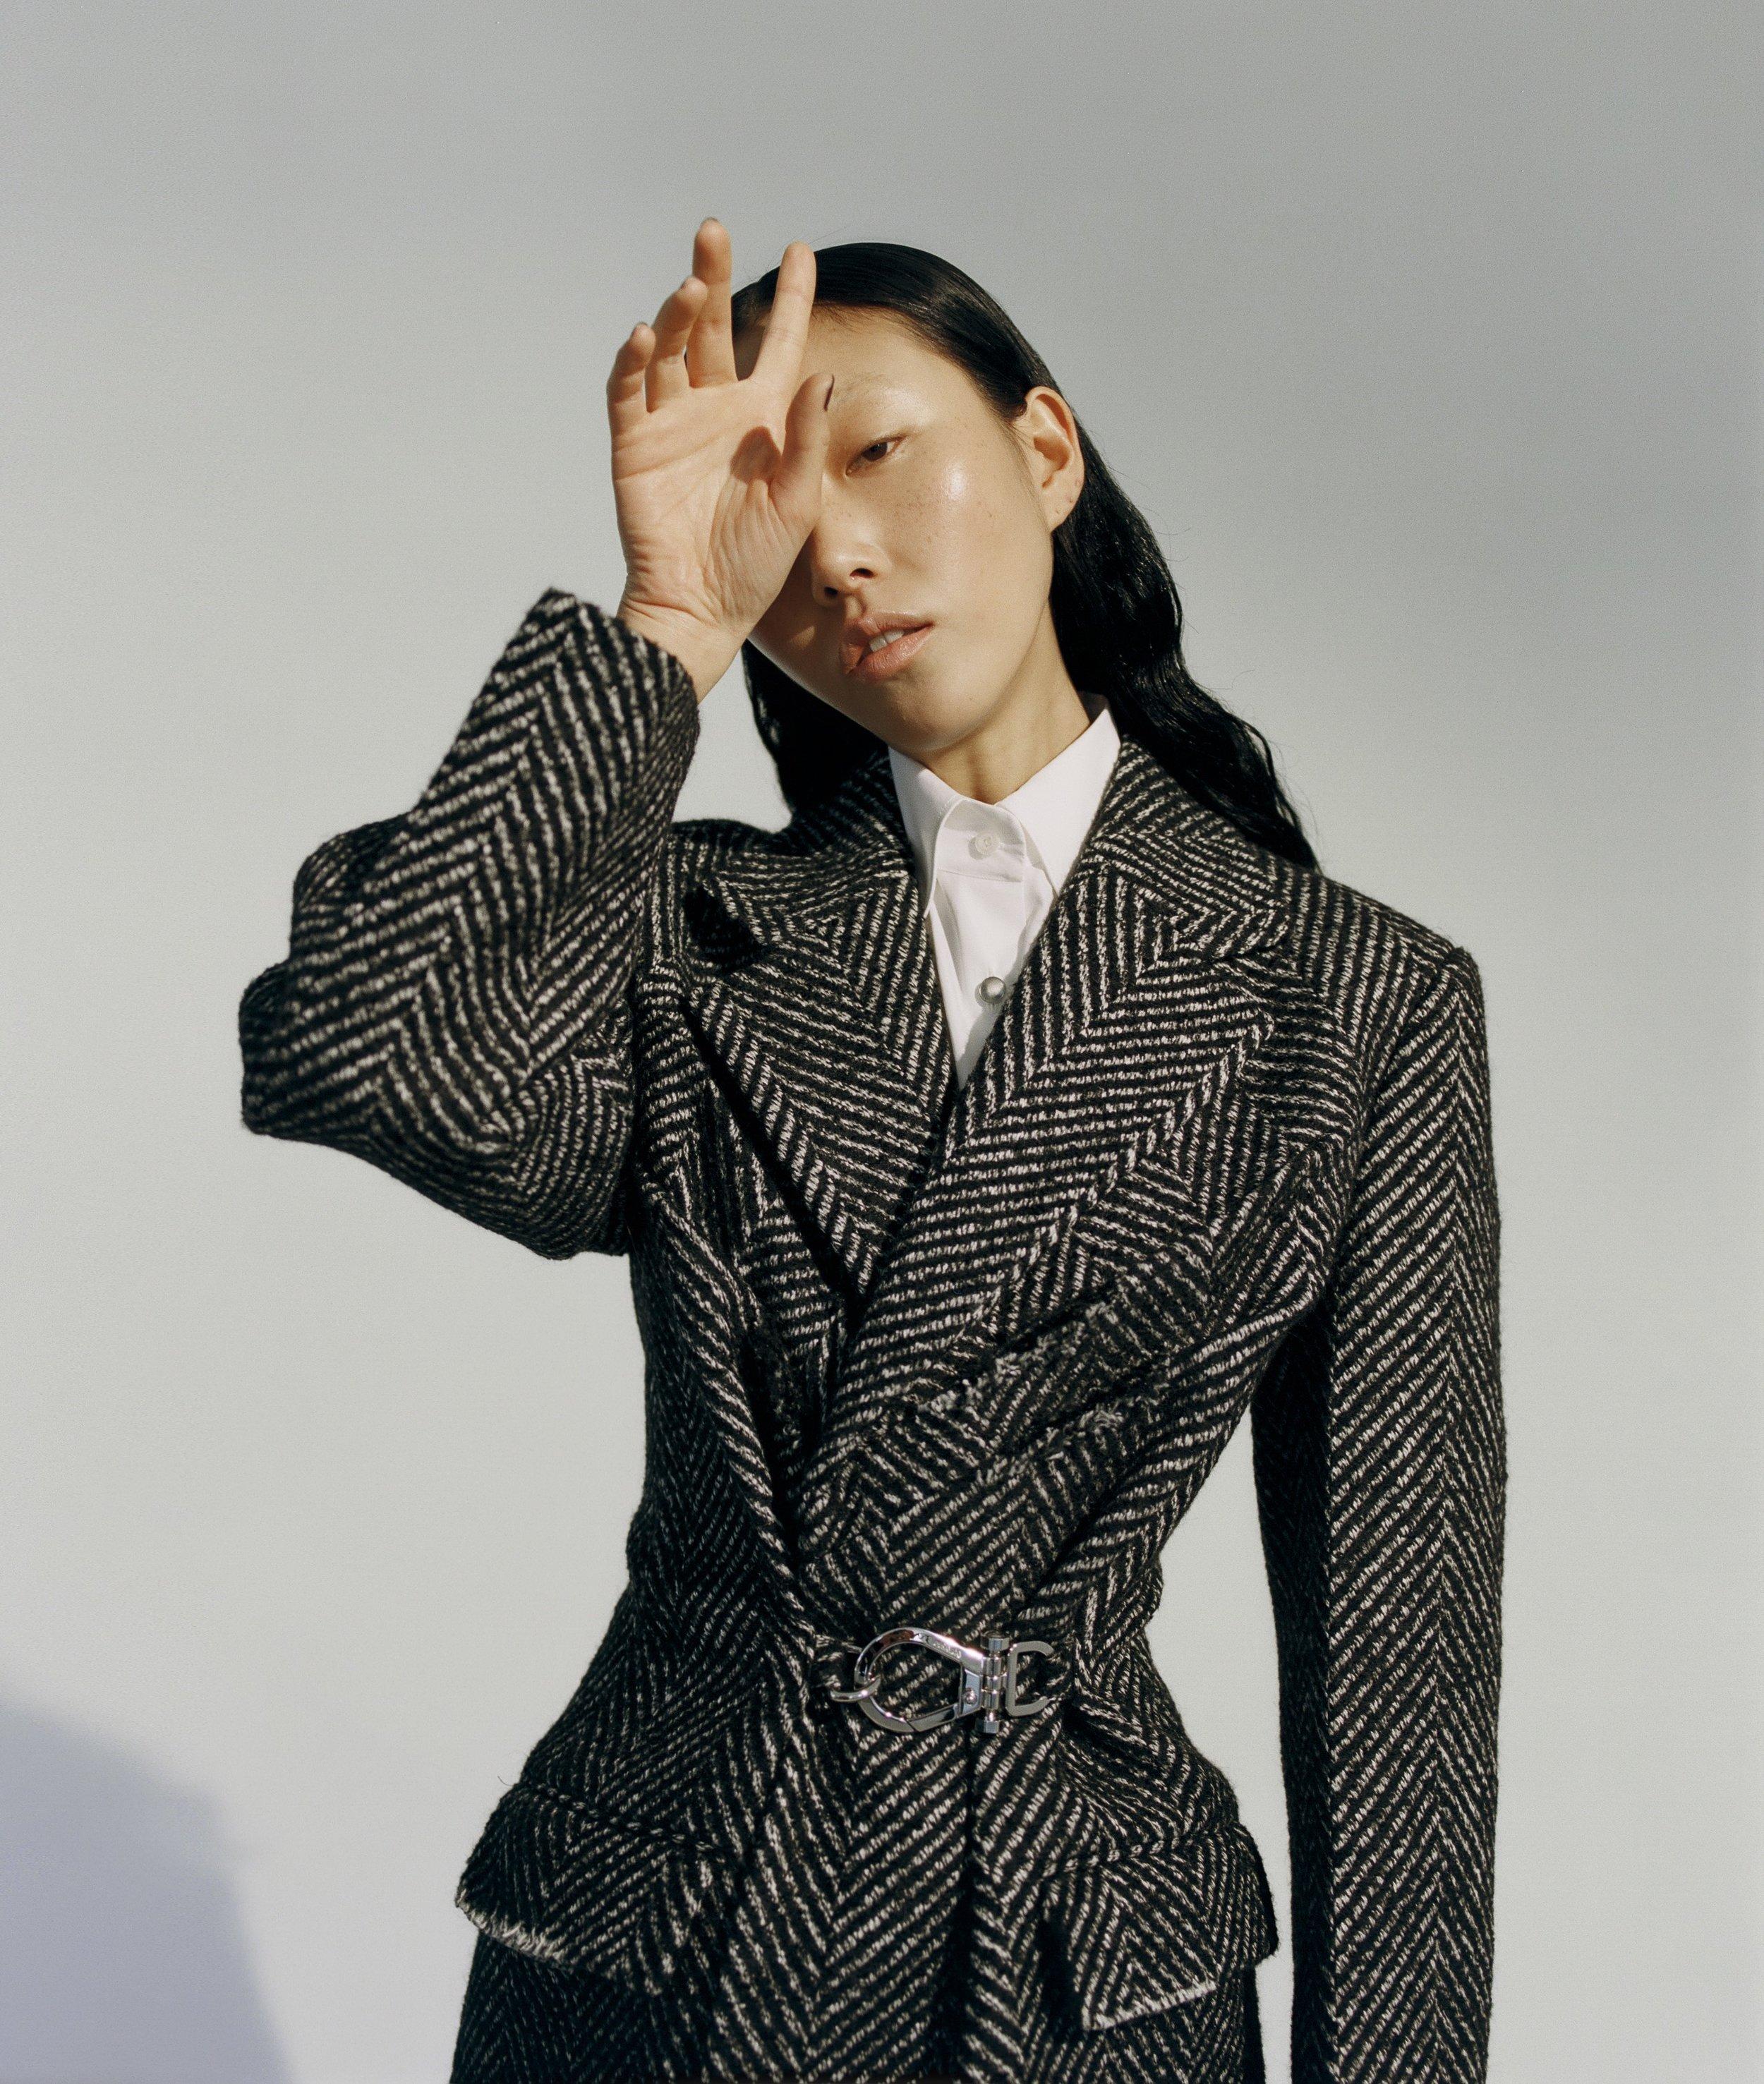 Lim Lee wears PRADA shirt and coat